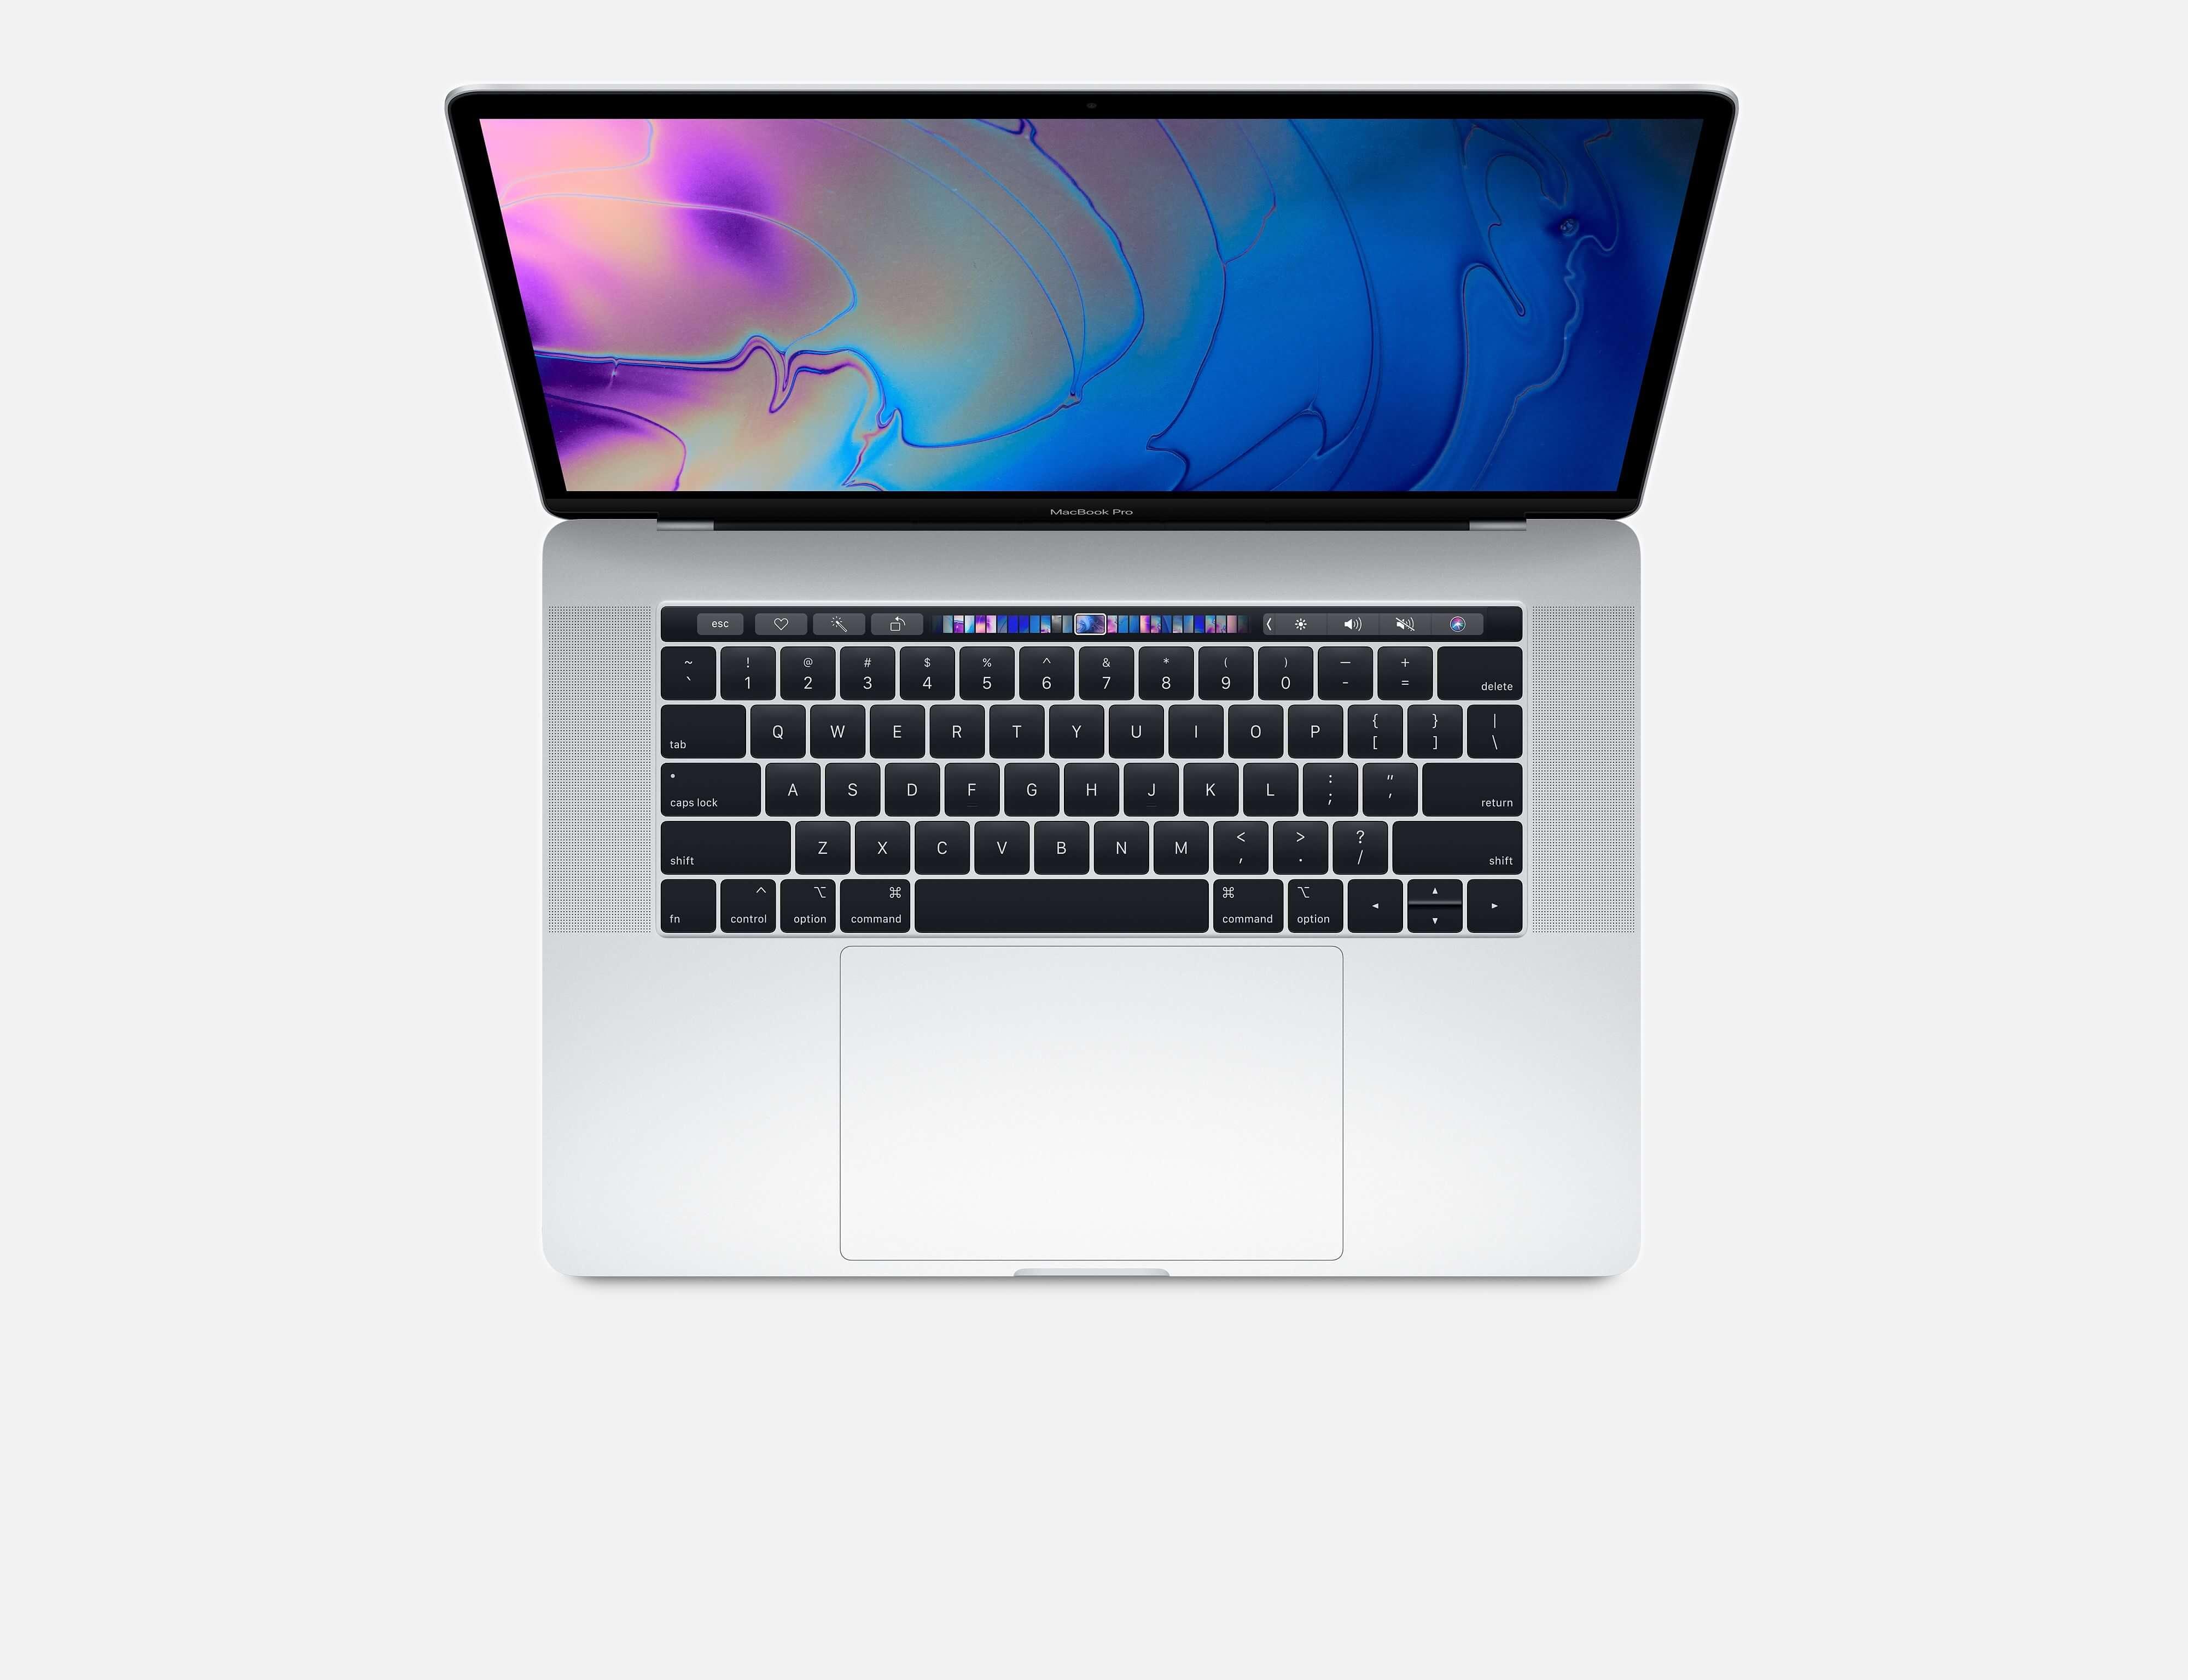 Macbook Pro 15 inch 2019